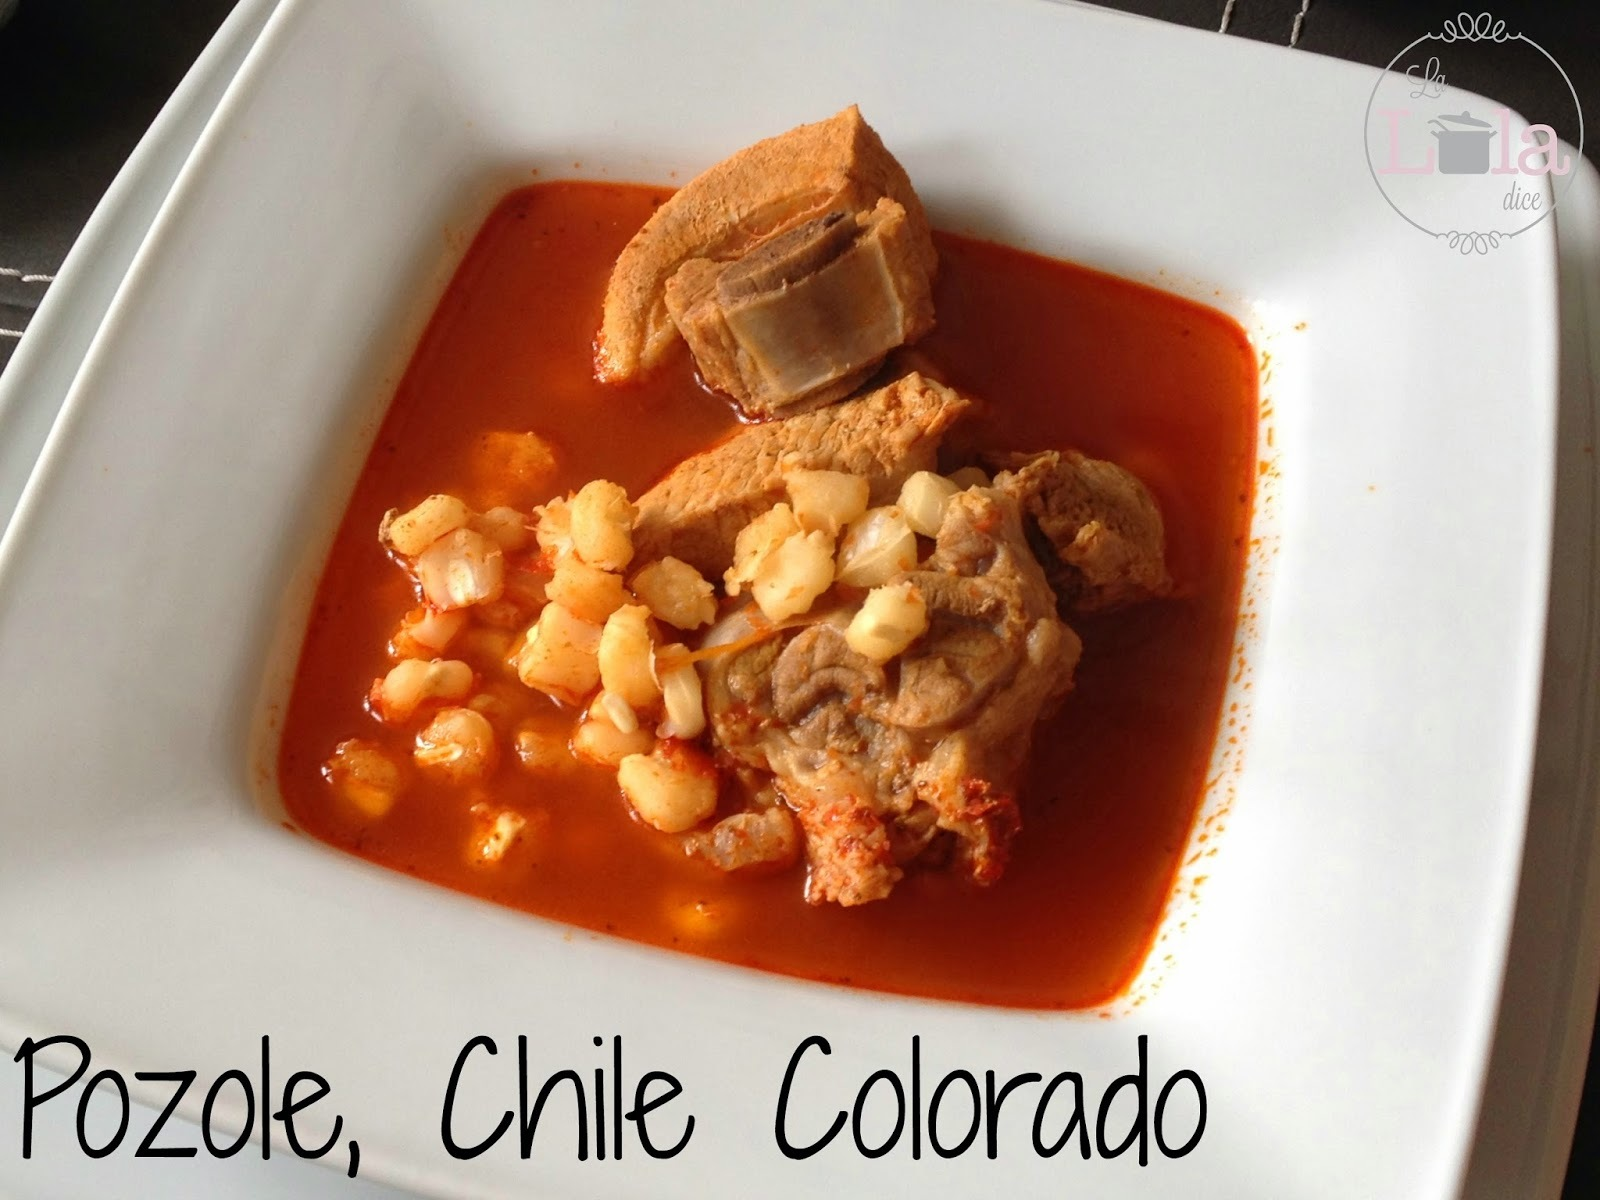 Pozole, Chile Colorado